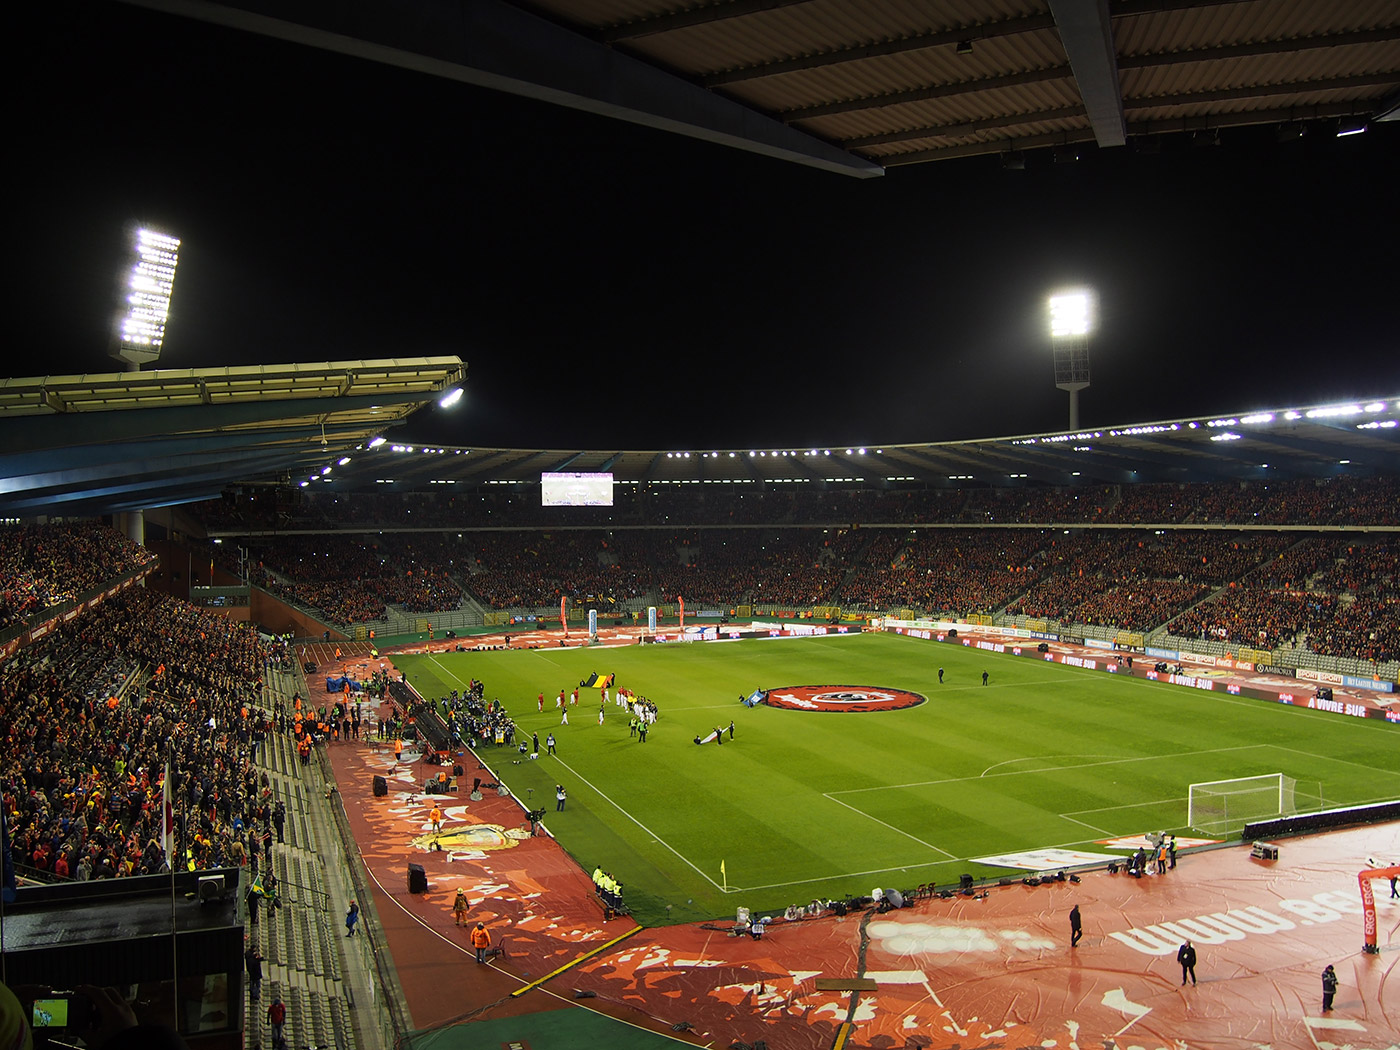 Koning boudewijnstadion